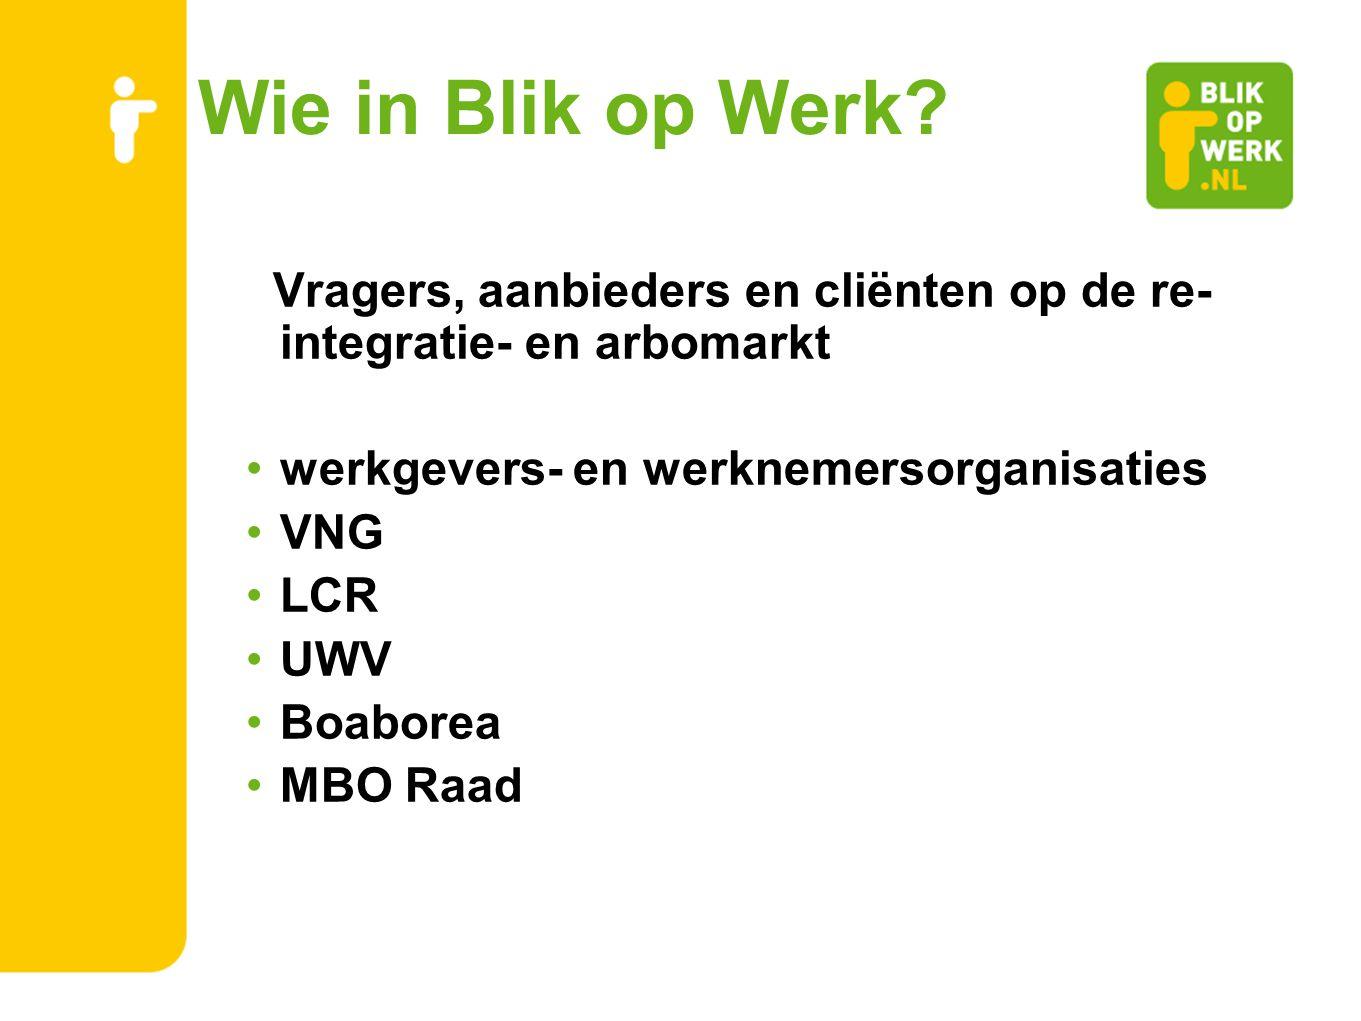 Wie in Blik op Werk Vragers, aanbieders en cliënten op de re-integratie- en arbomarkt. werkgevers- en werknemersorganisaties.